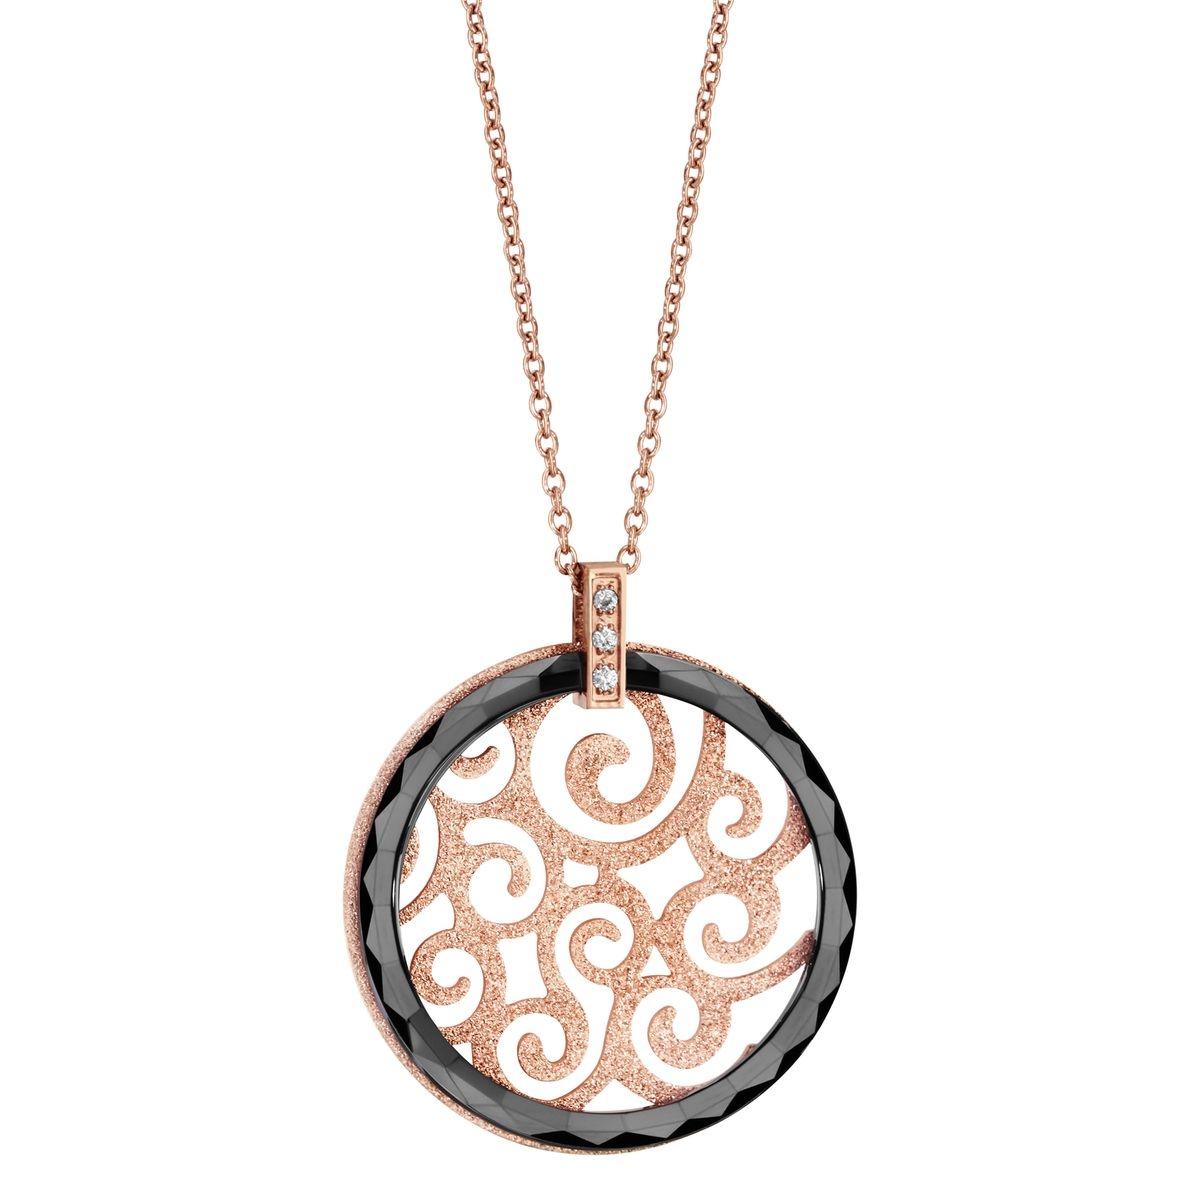 Collier Longueur Réglable: 41 à 46 cm Rose Pendentif Rond Ajouré Aspect Granit Disque Céramique Noire Acier